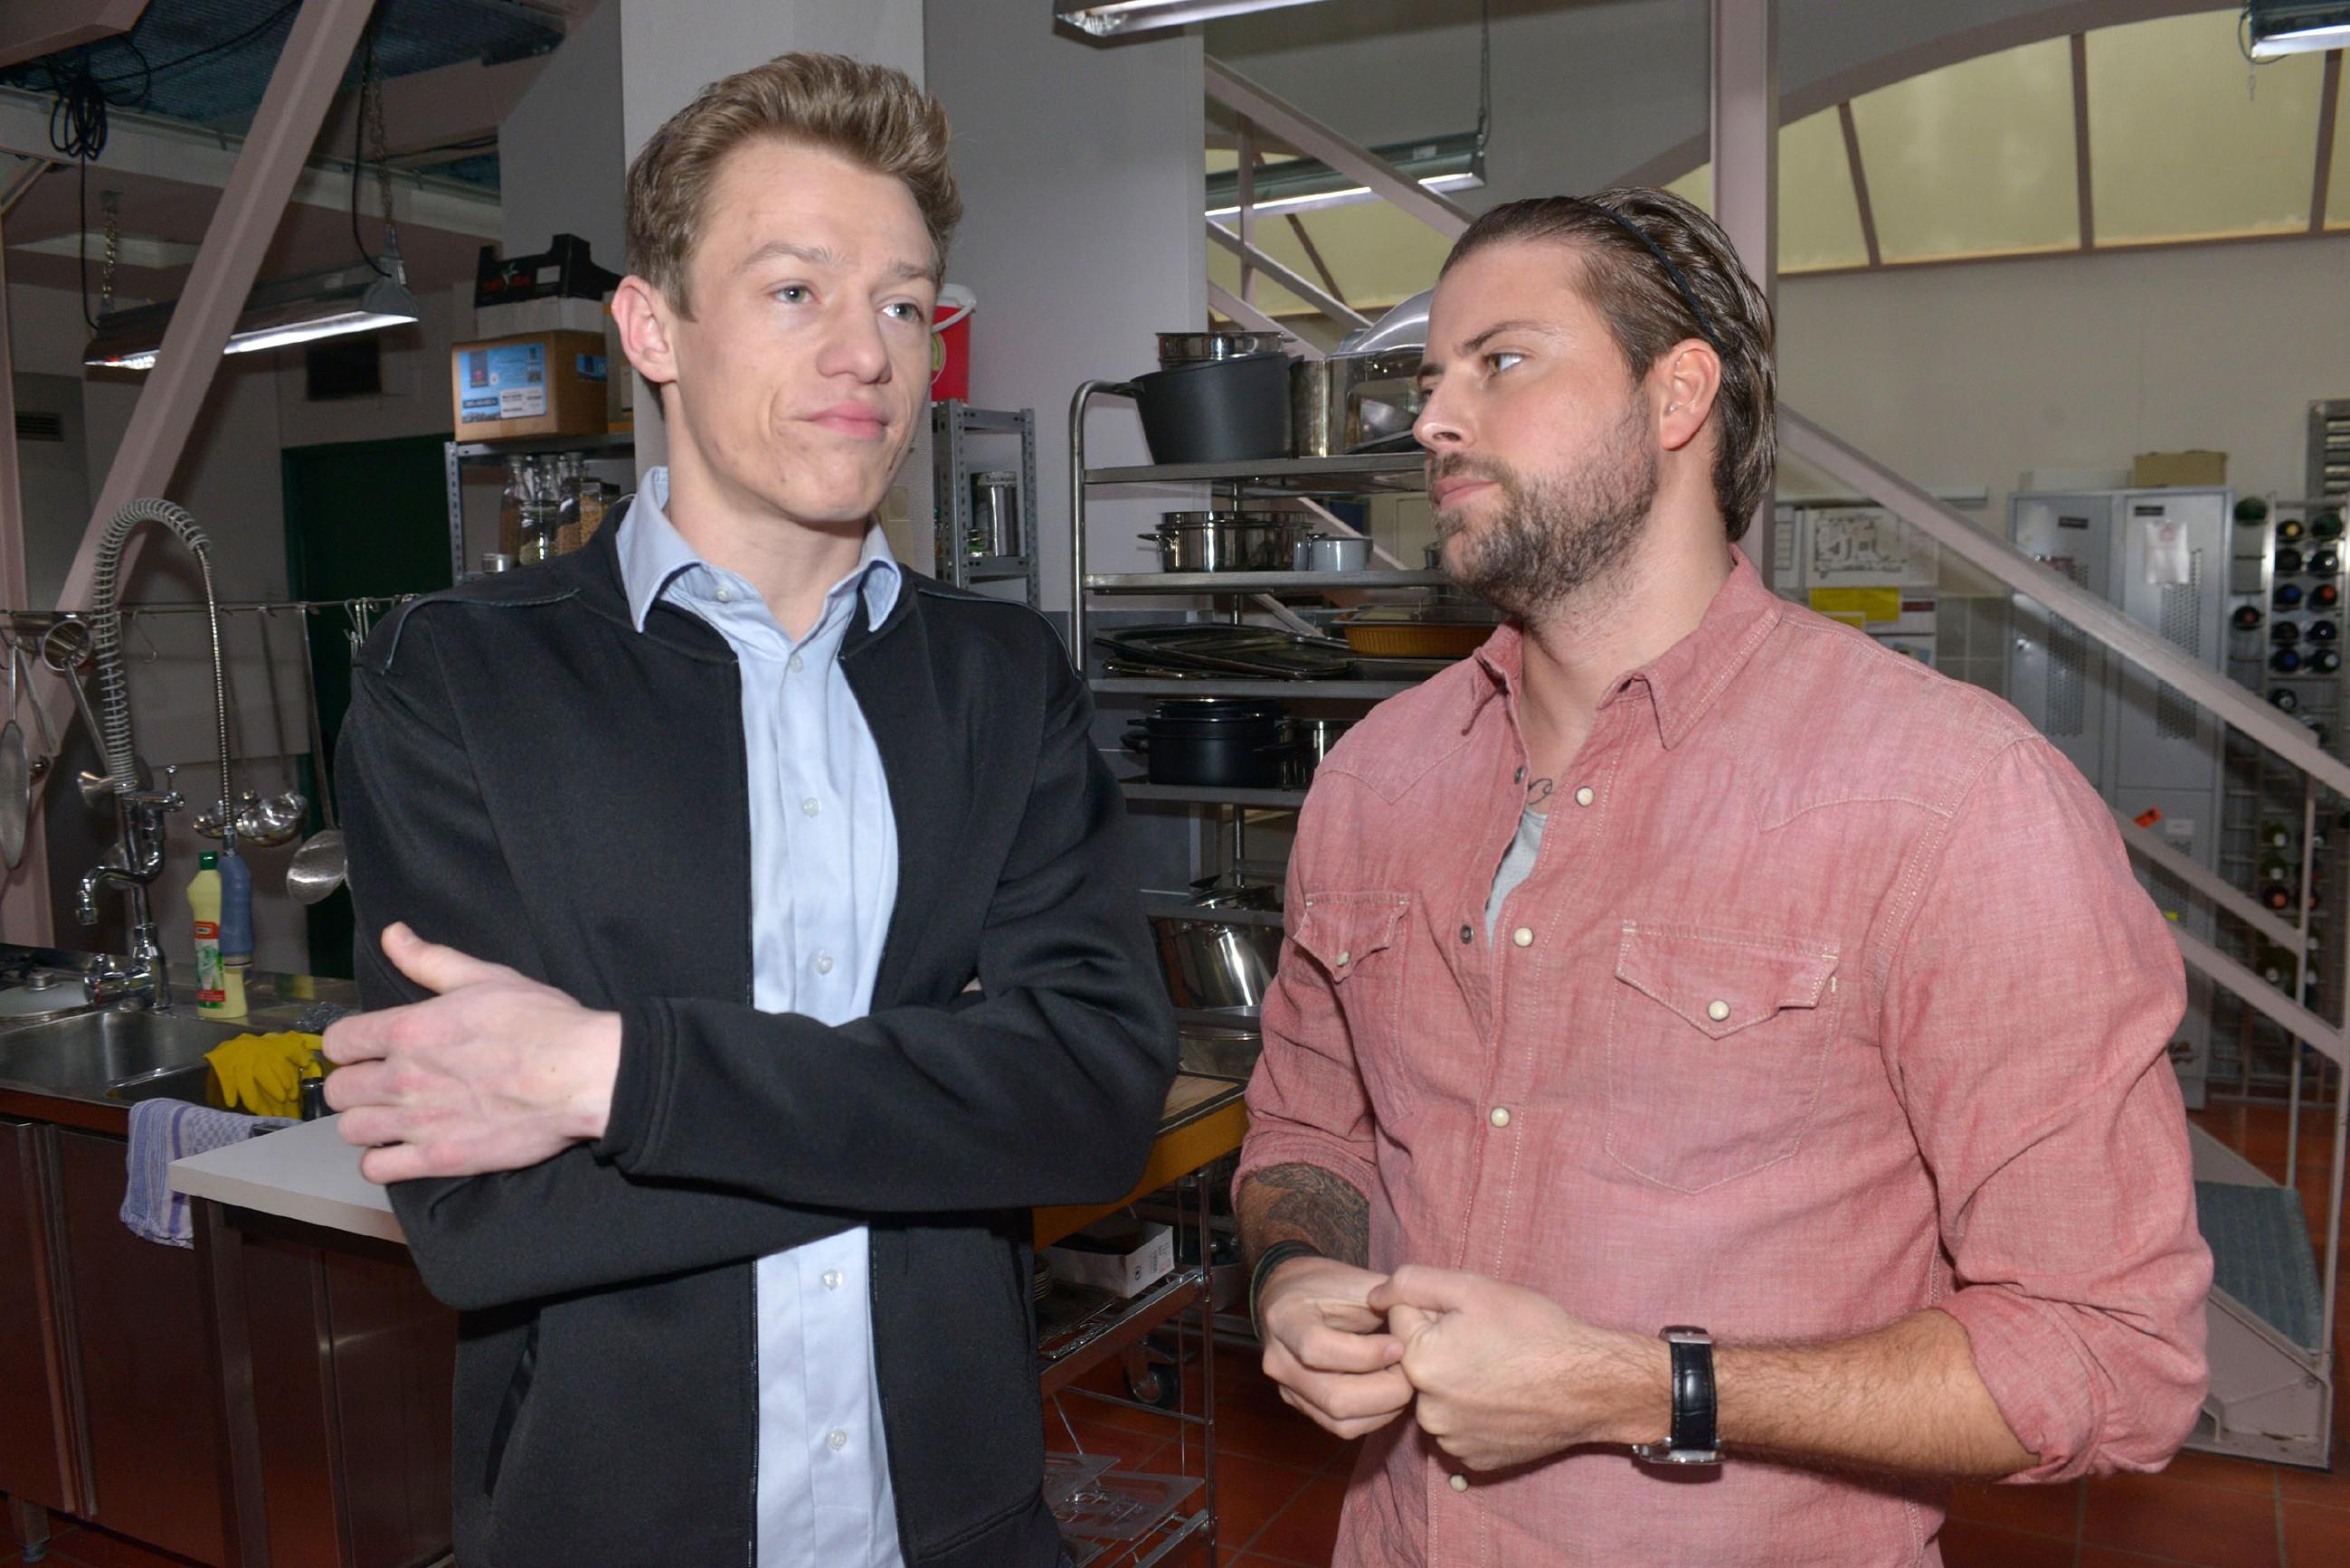 John (Felix von Jascheroff, r.) merkt, dass Vince (Vincent Krüger) in der Küche nicht bei der Sache ist und spricht ihn darauf an.